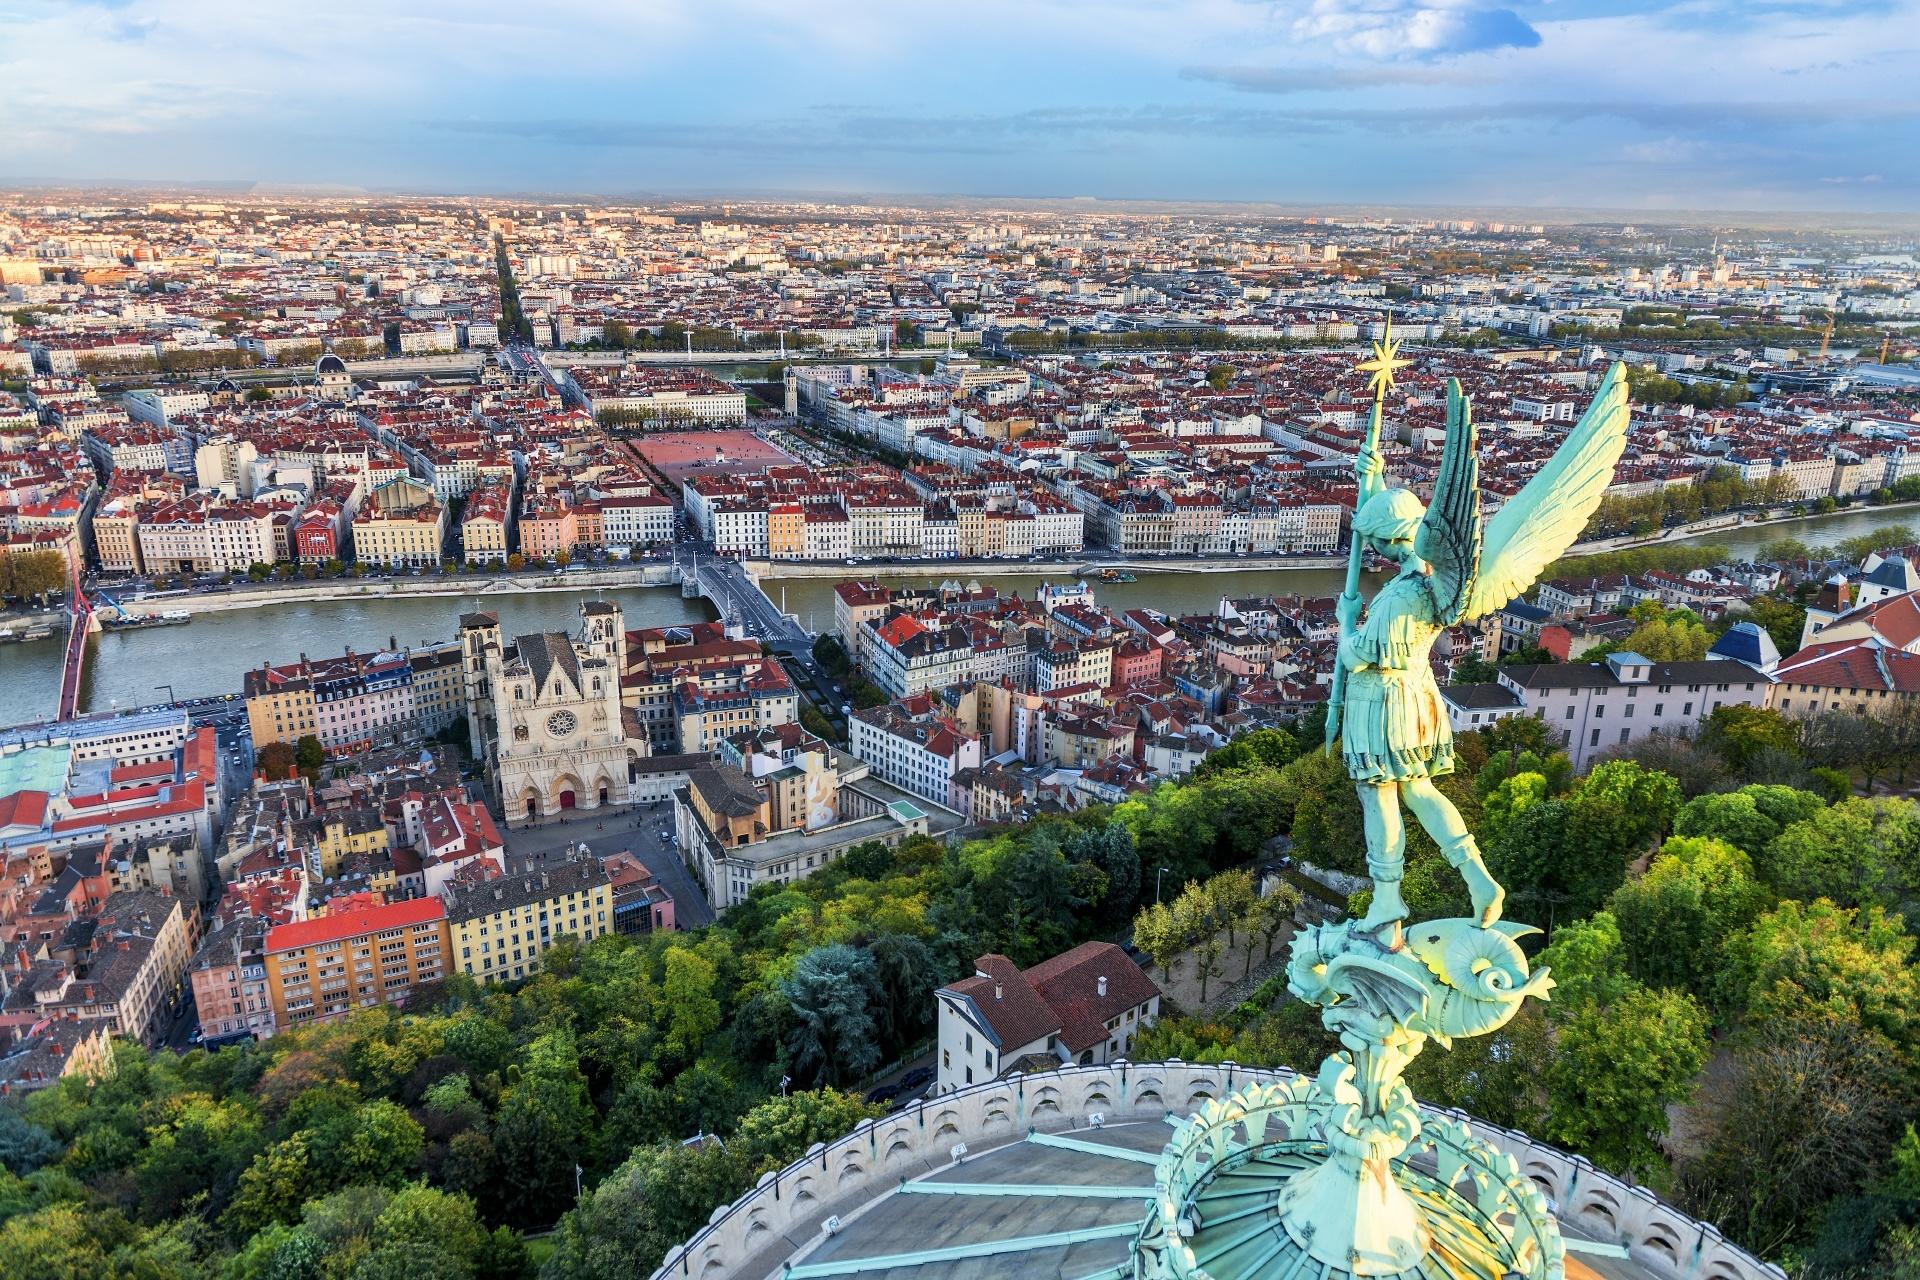 フルヴィエールから見るリヨンの街並み フランスの風景